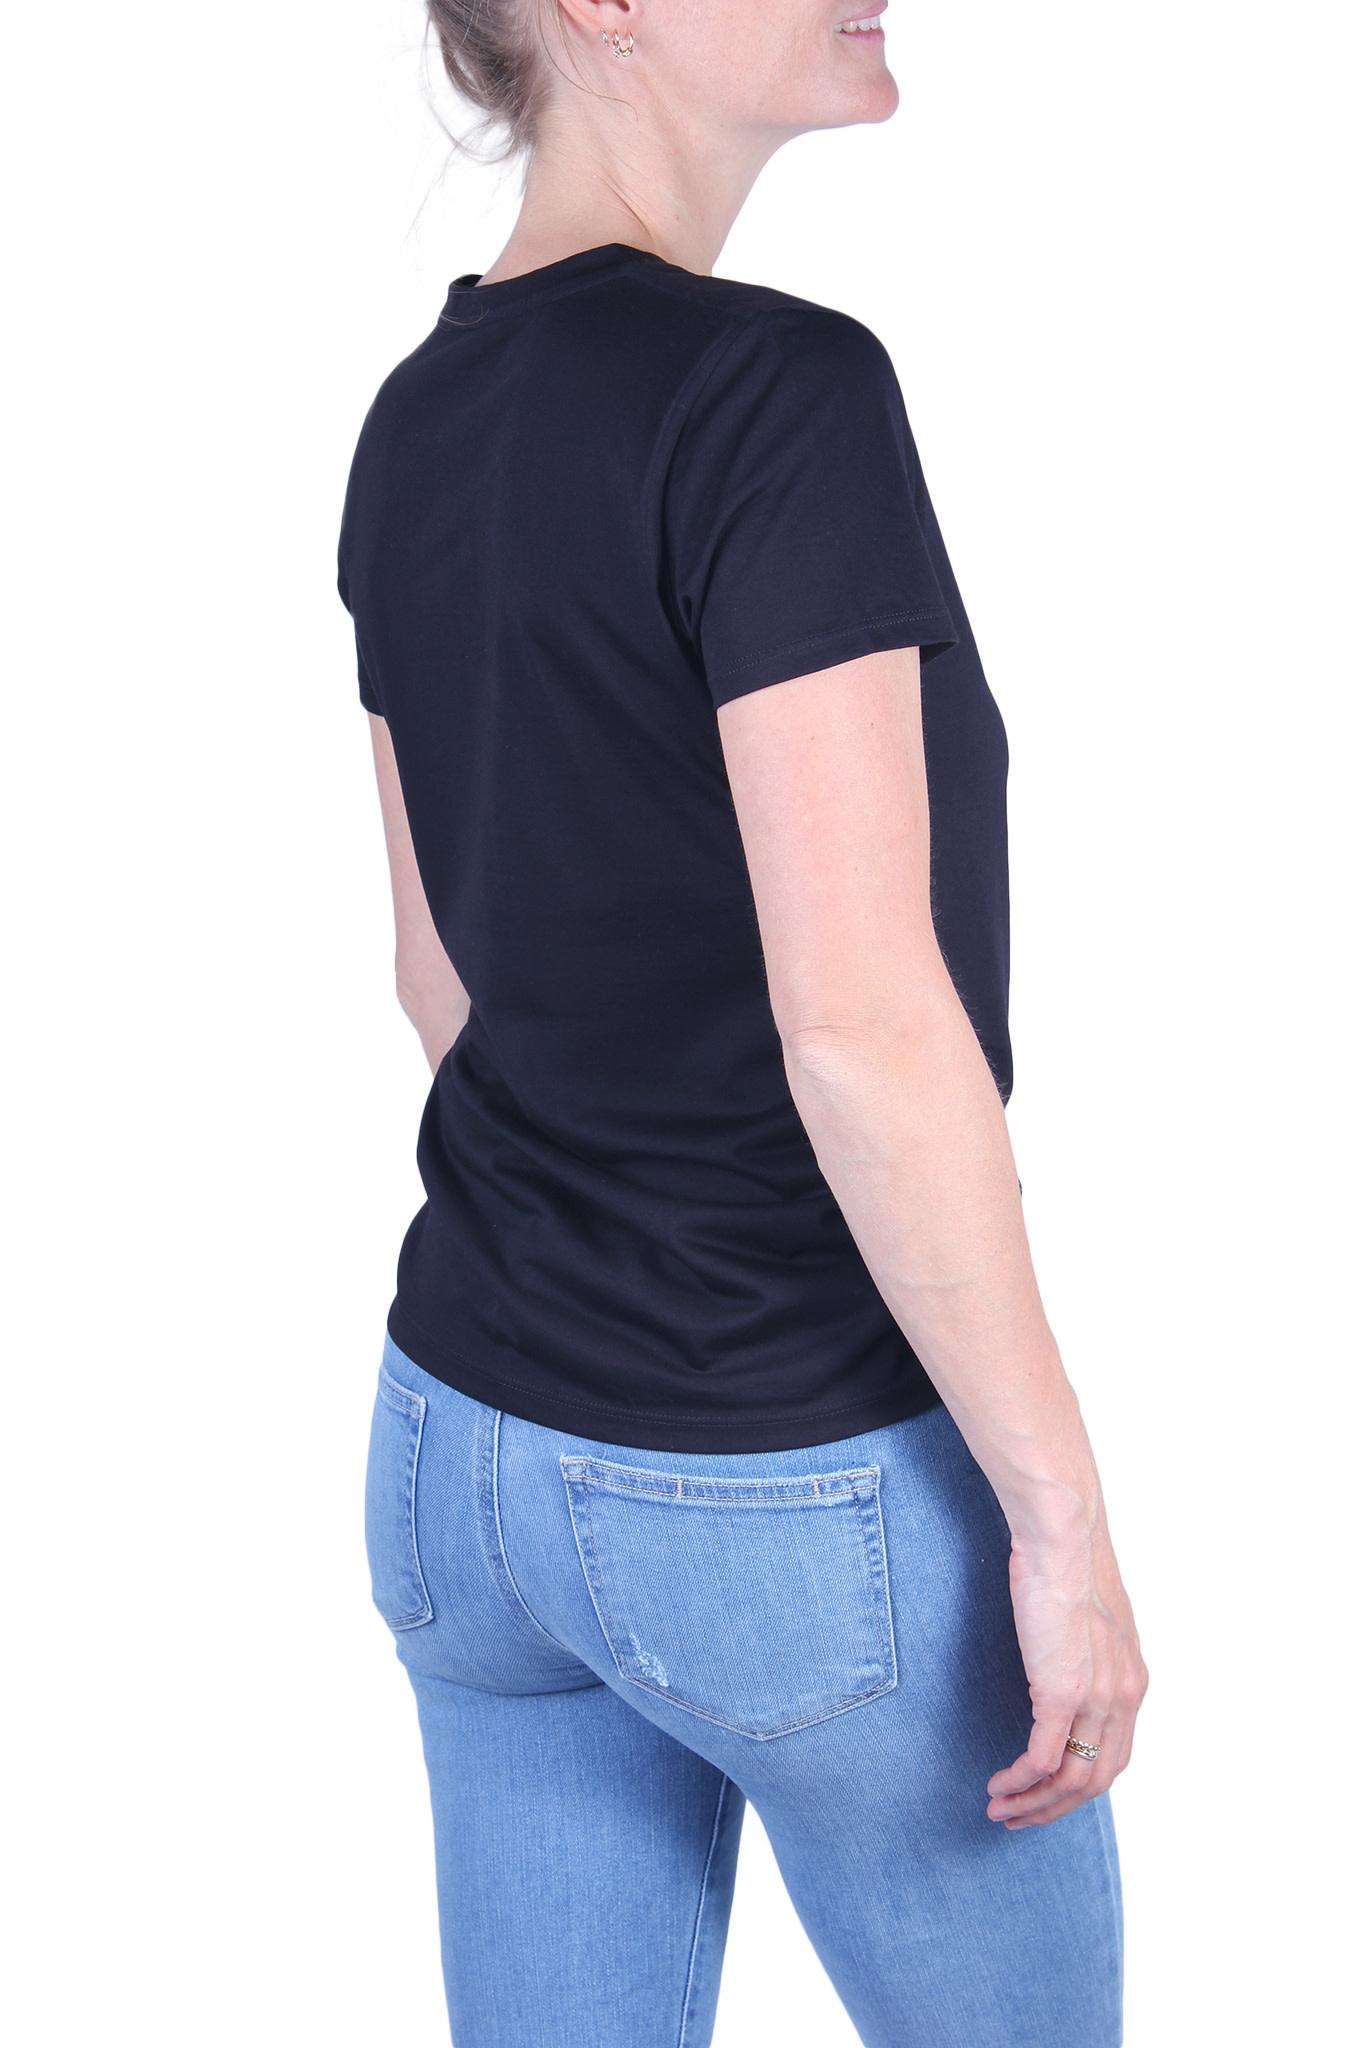 Vince VR591-83107 T-shirt-2